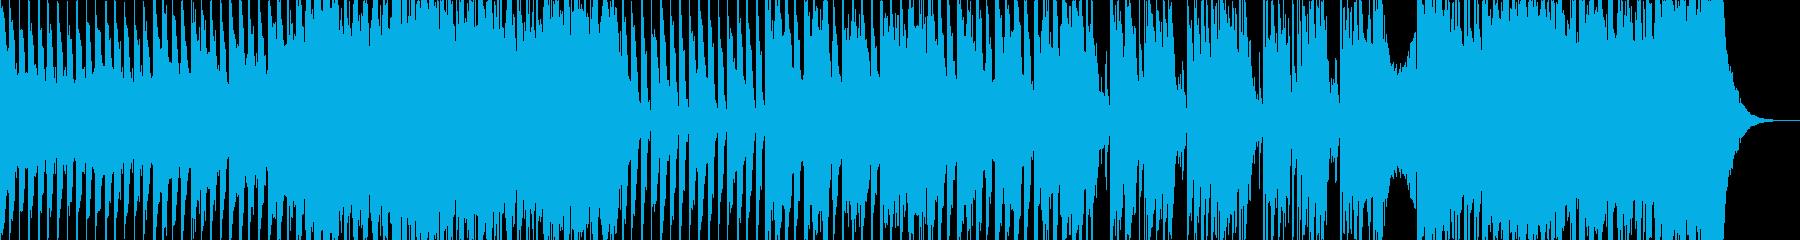 バイオリンとピアノのダンスナンバーの再生済みの波形